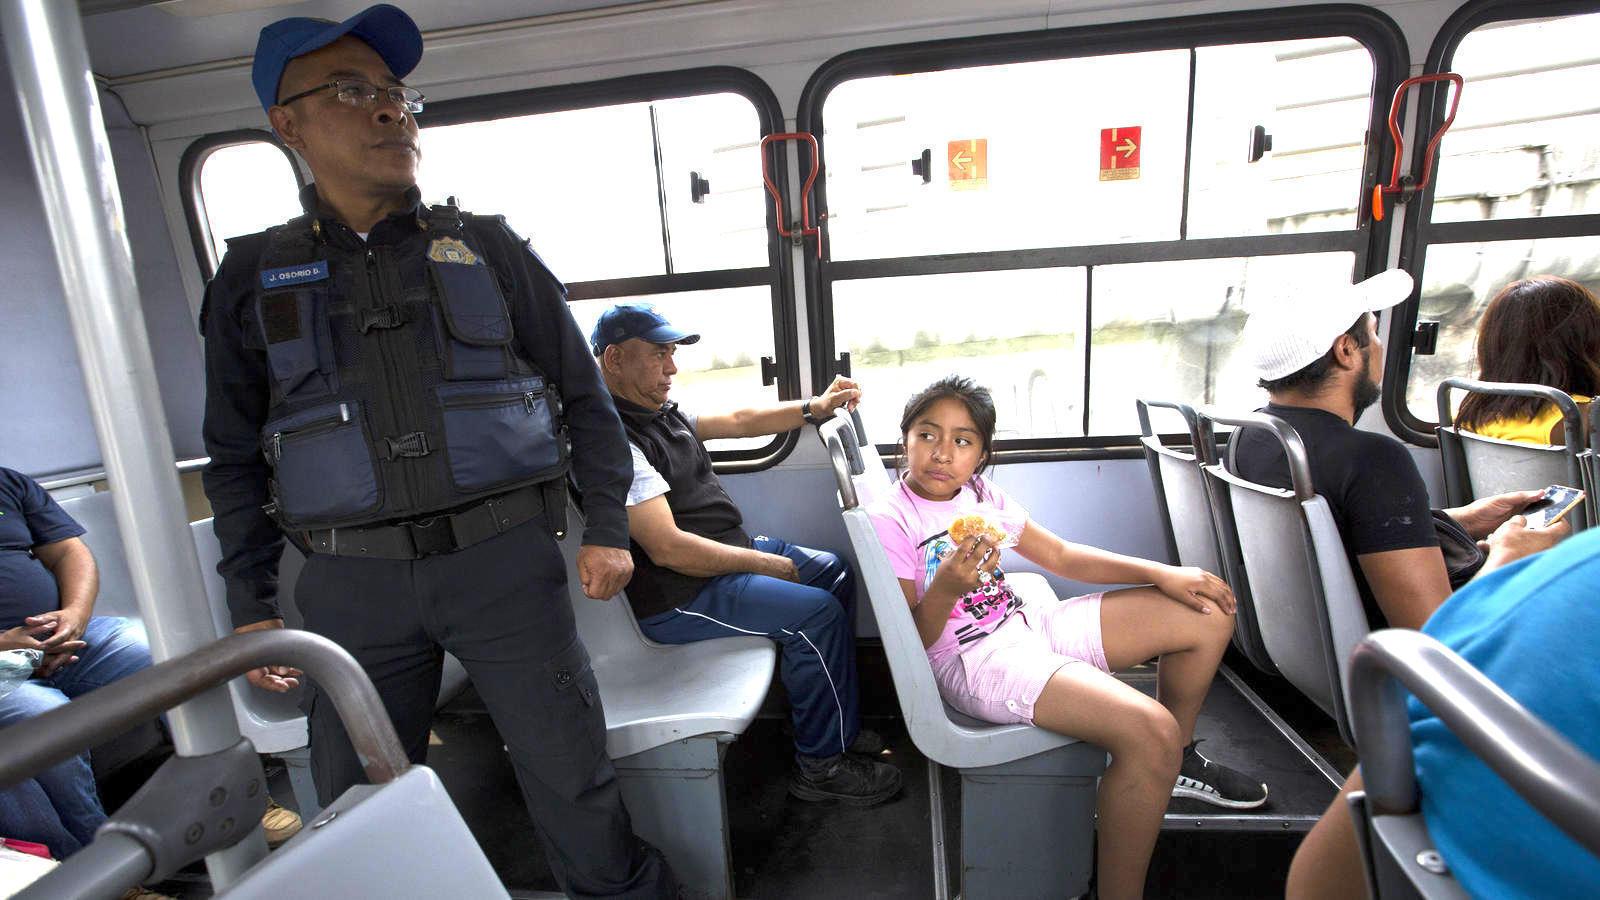 49054c878fa Los robos a mano armada se han vuelto tan comunes en el transporte público  en la Ciudad de México que algunos pasajeros están ocurriendo a una  solución ...